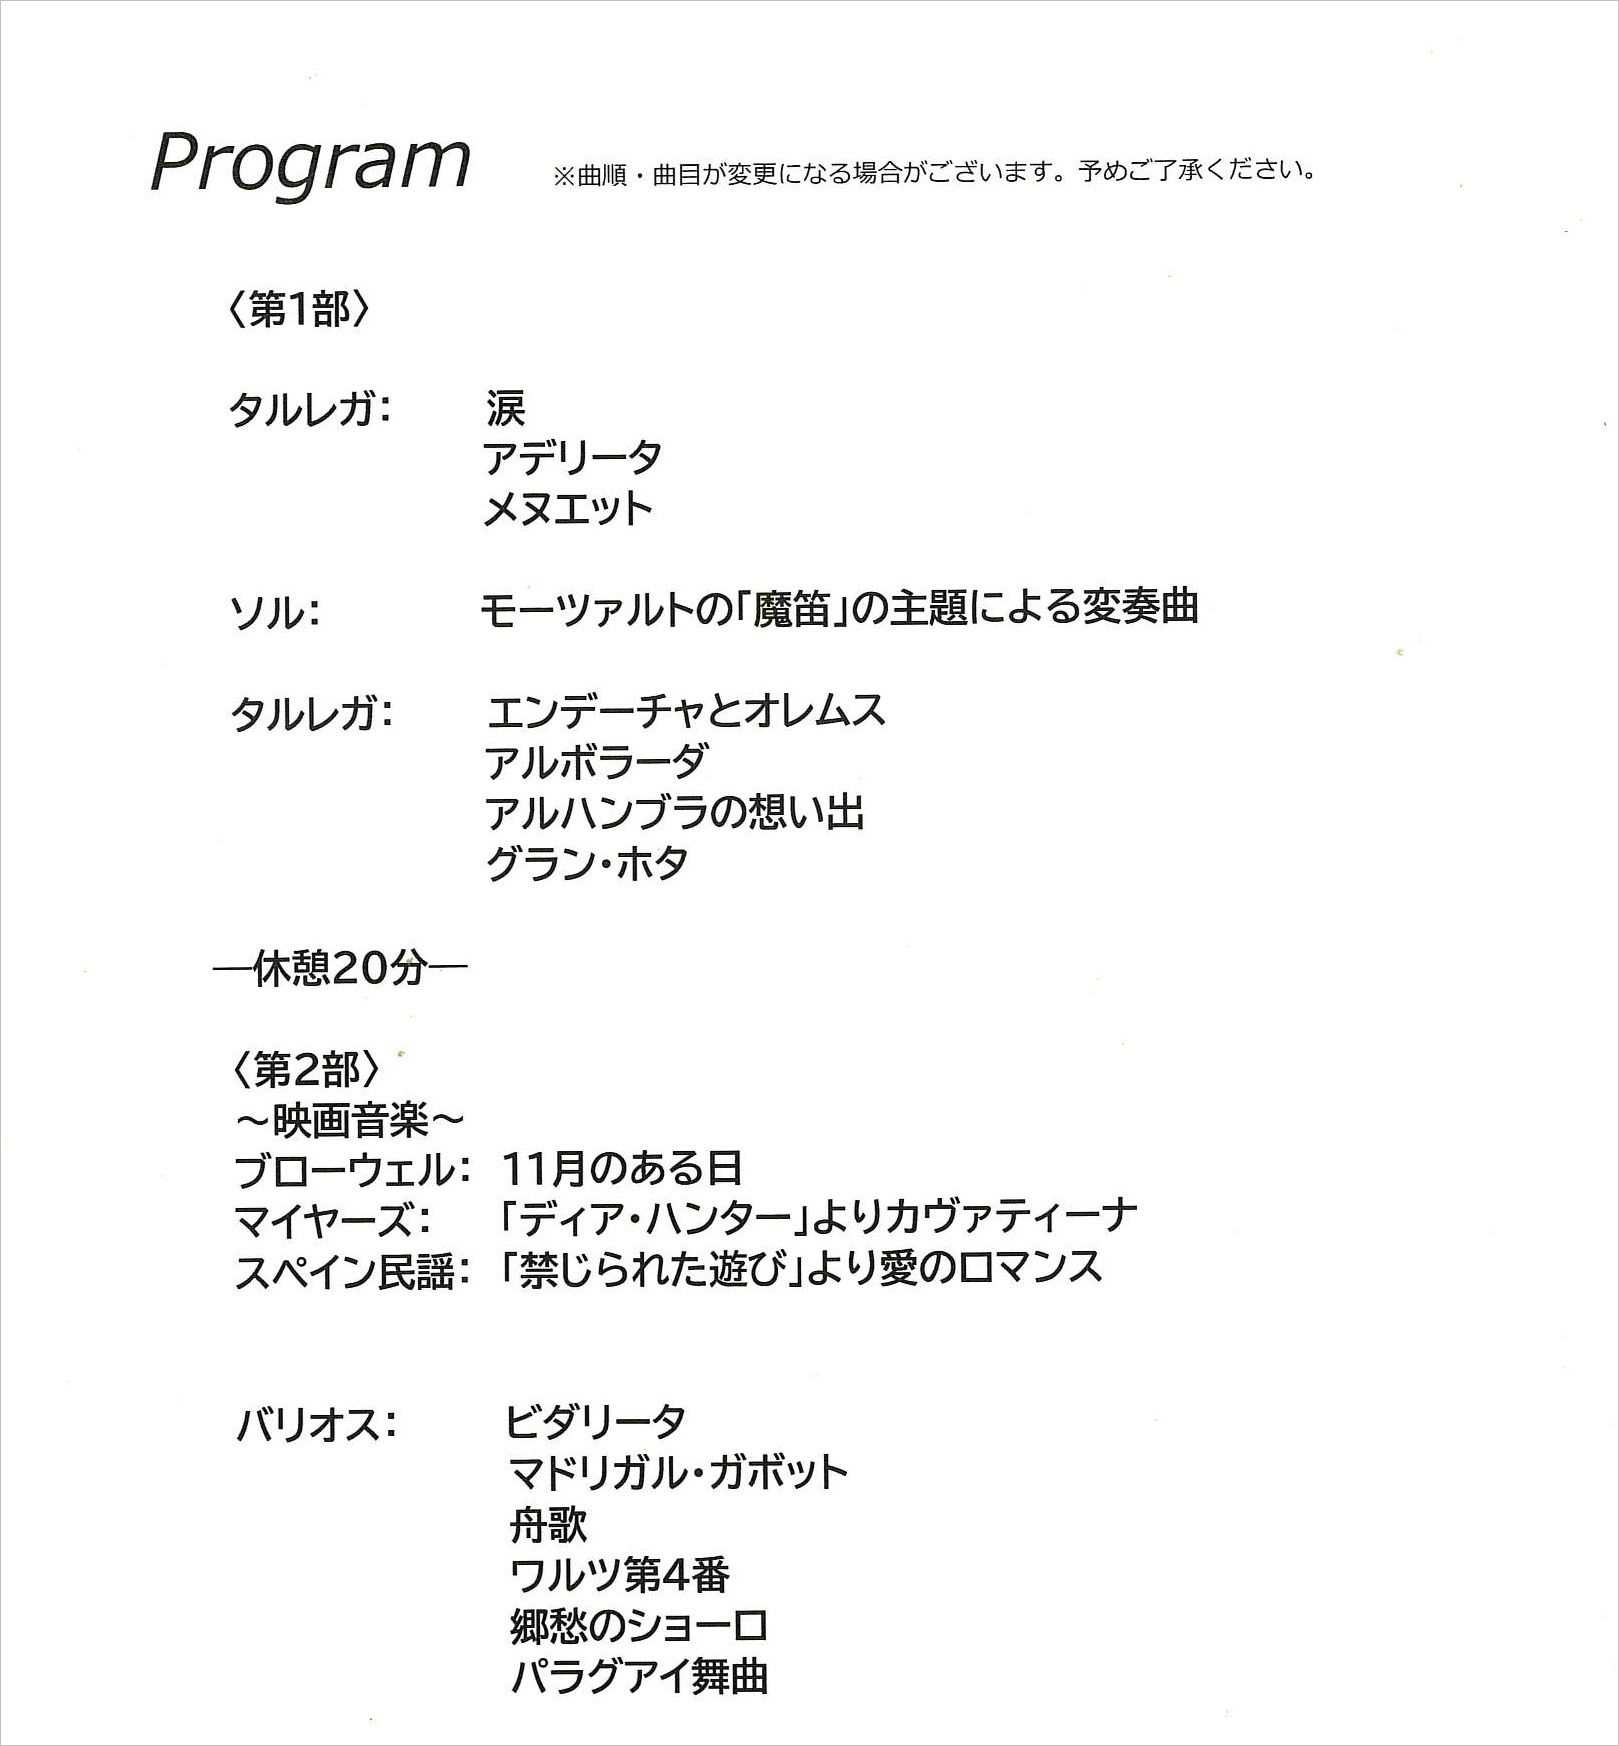 荘村プログラム2